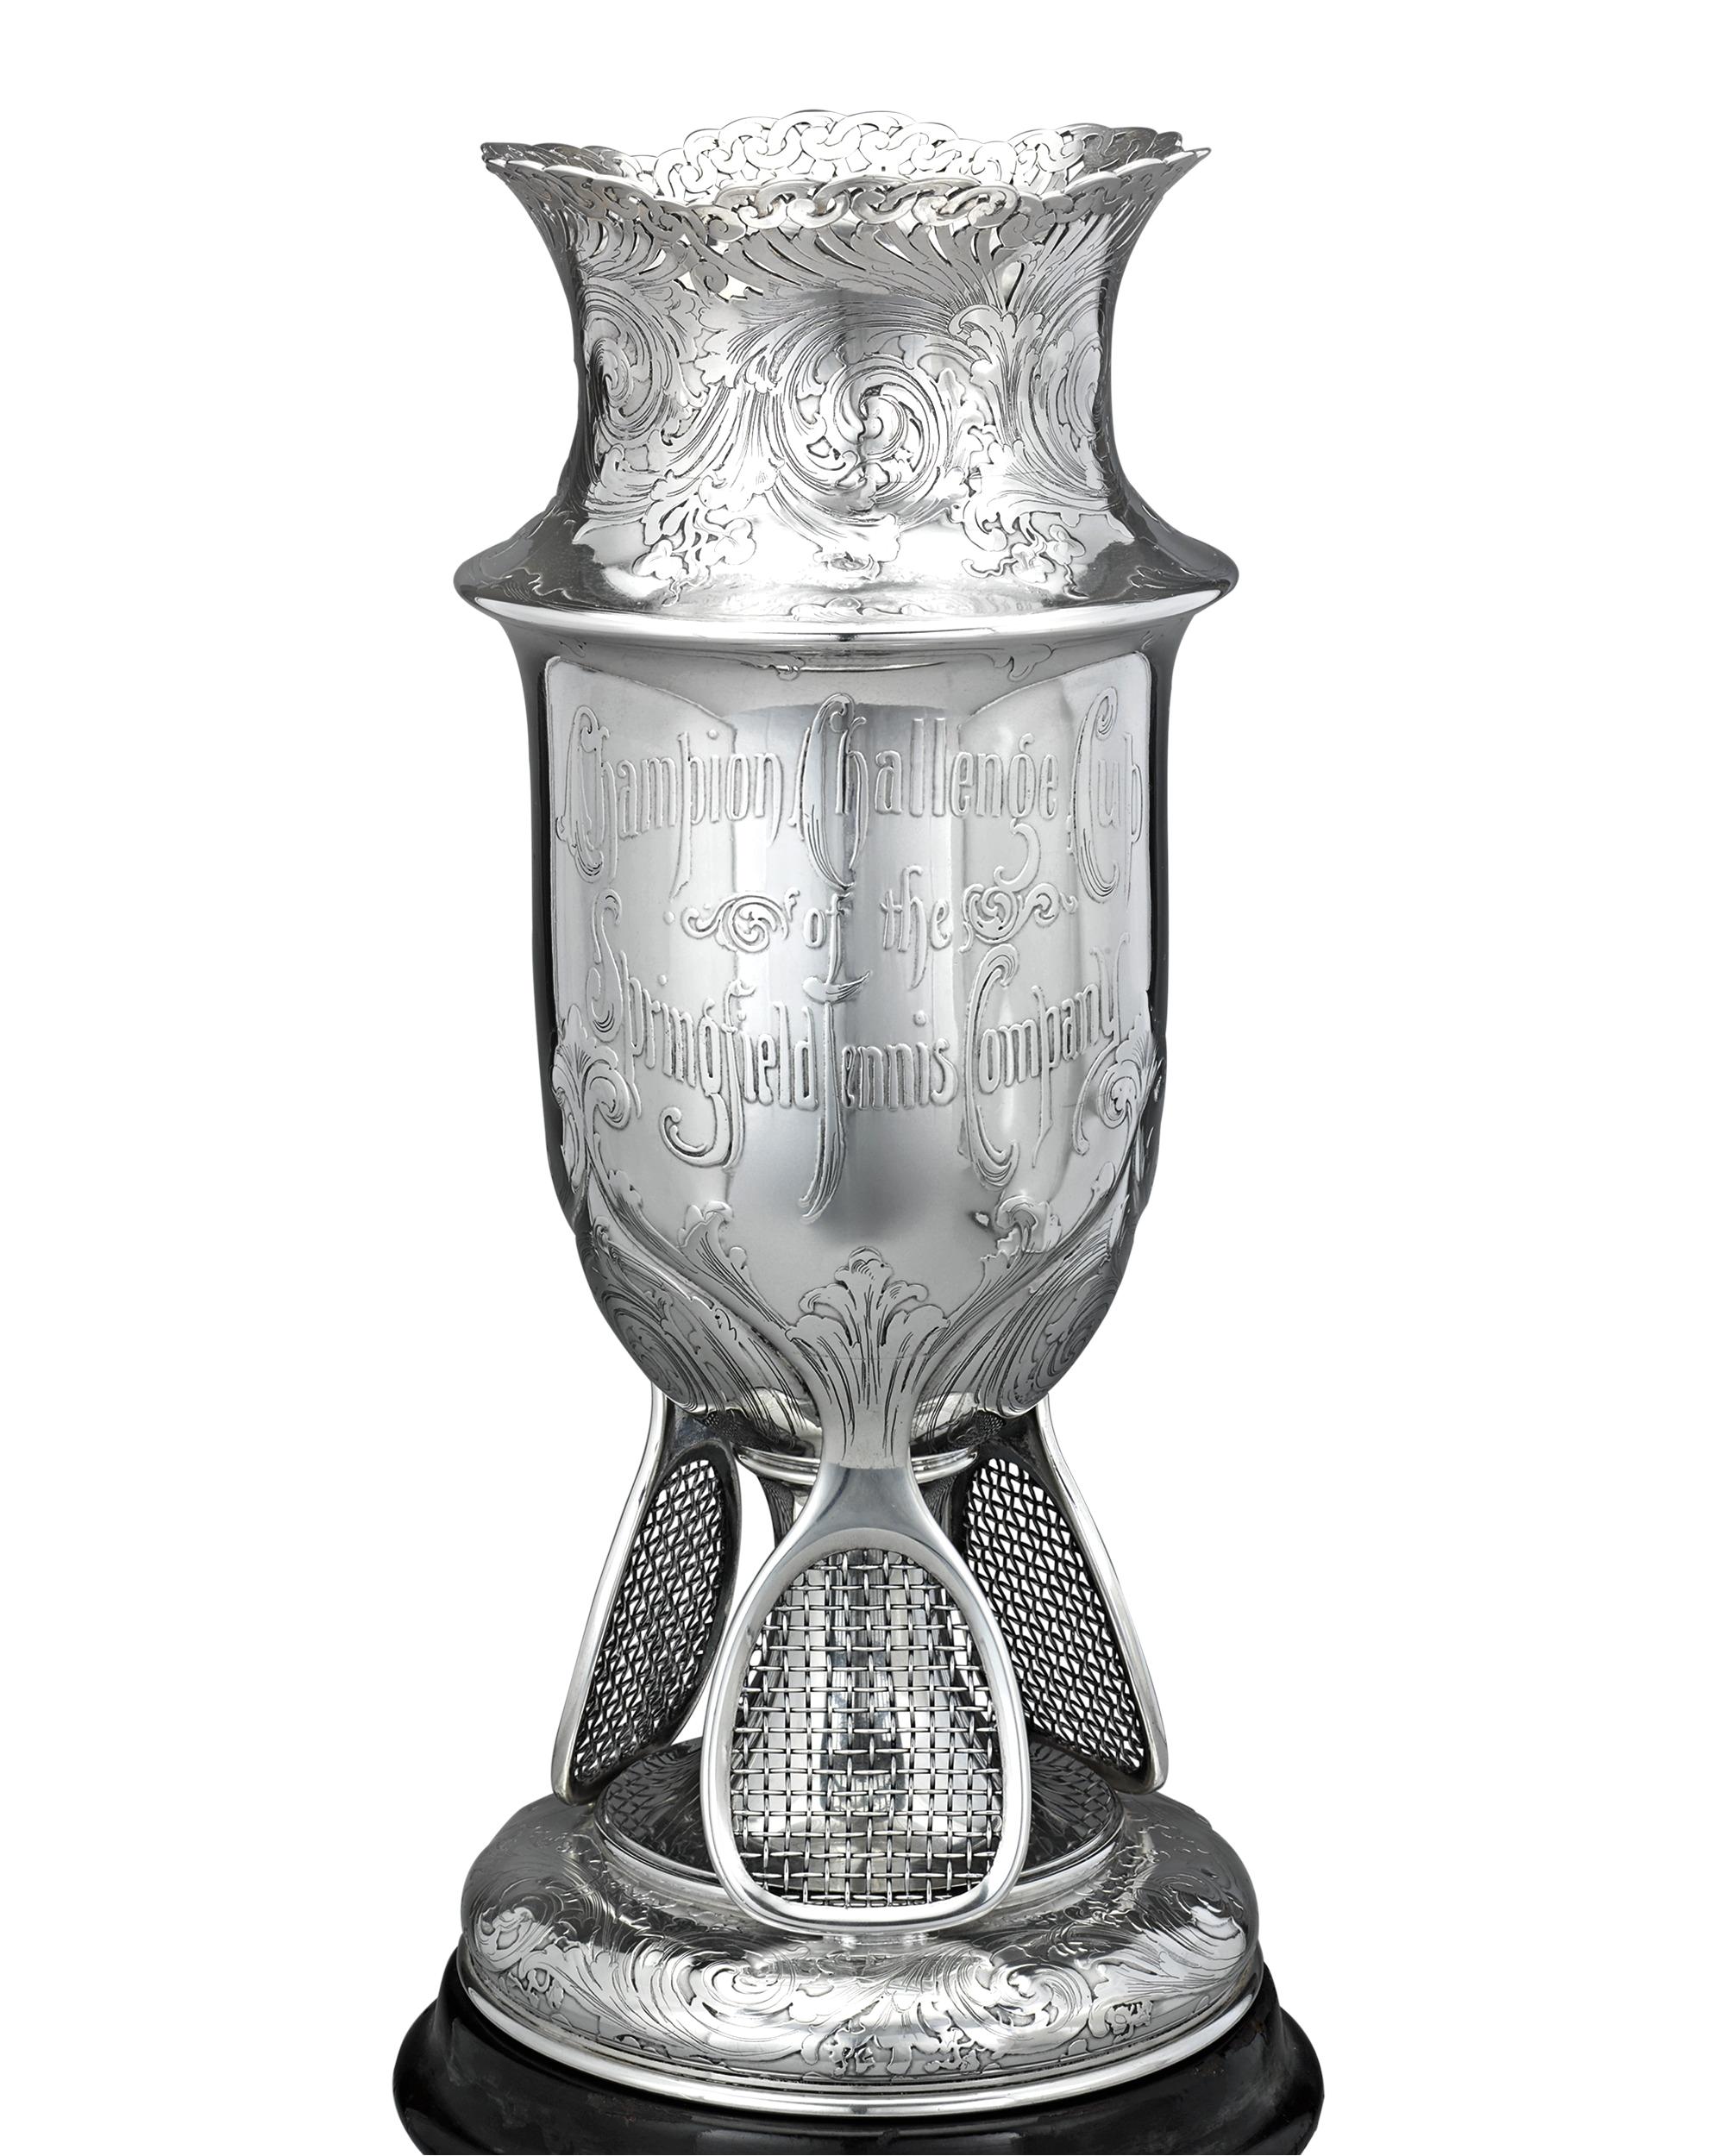 tiffany co silver tennis trophy